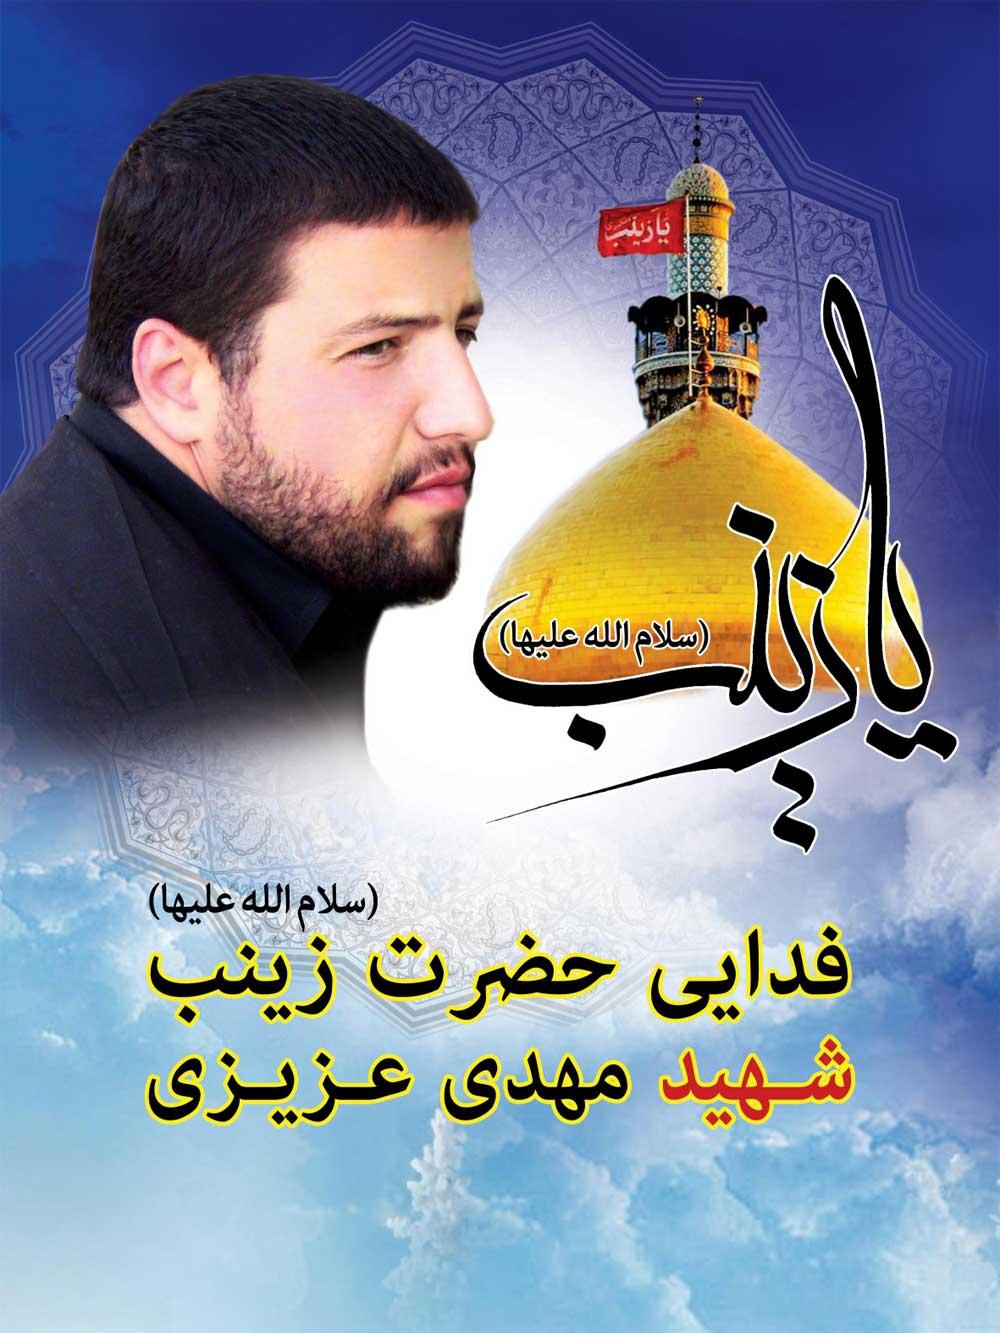 http://davodabadi.persiangig.com/1%20zeynabiyeh.jpg